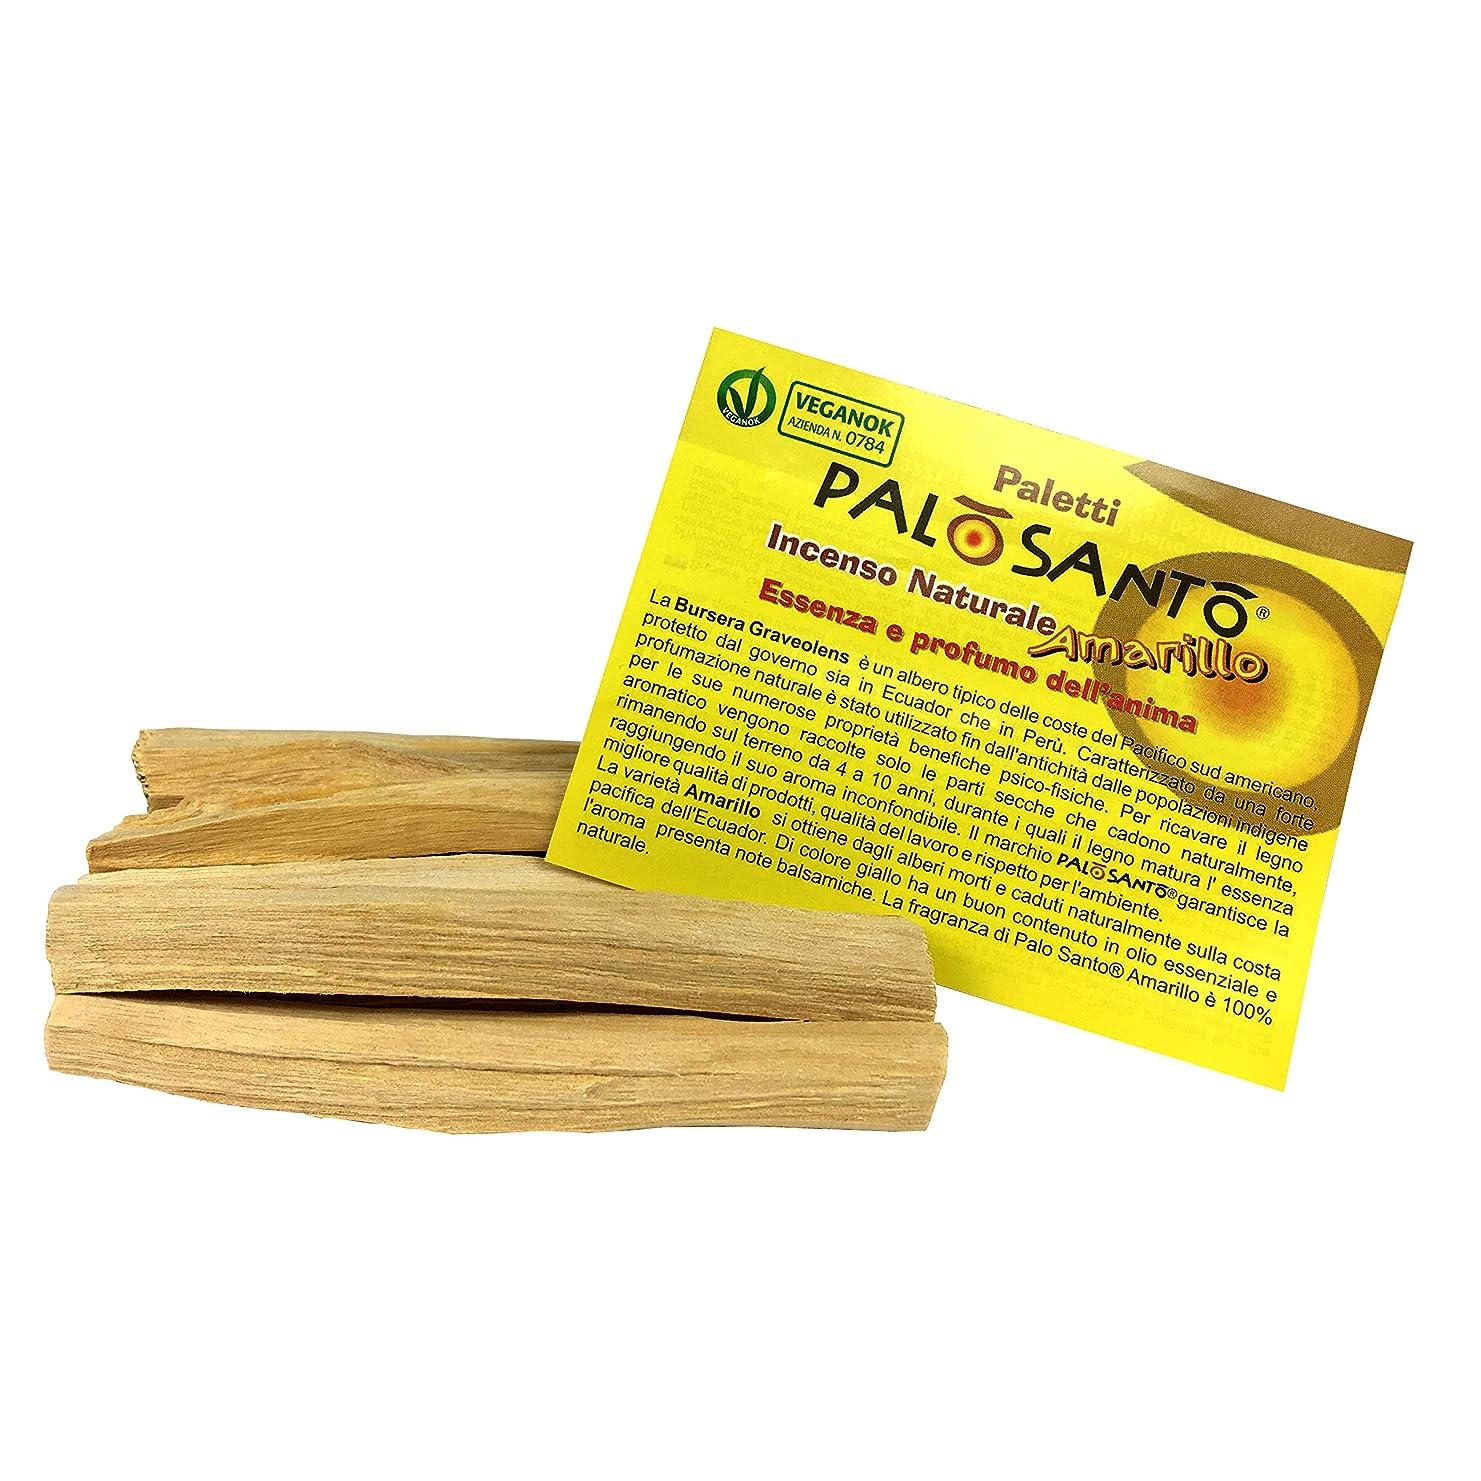 有望寛大さウェブPalo Santo Sticks Amarillo - 天然香スティック - 瞑想、リラックス、不安、ヨガの香 - オリジナルBursera Graveolens聖ポールシャーマニック品質 - 12スティック